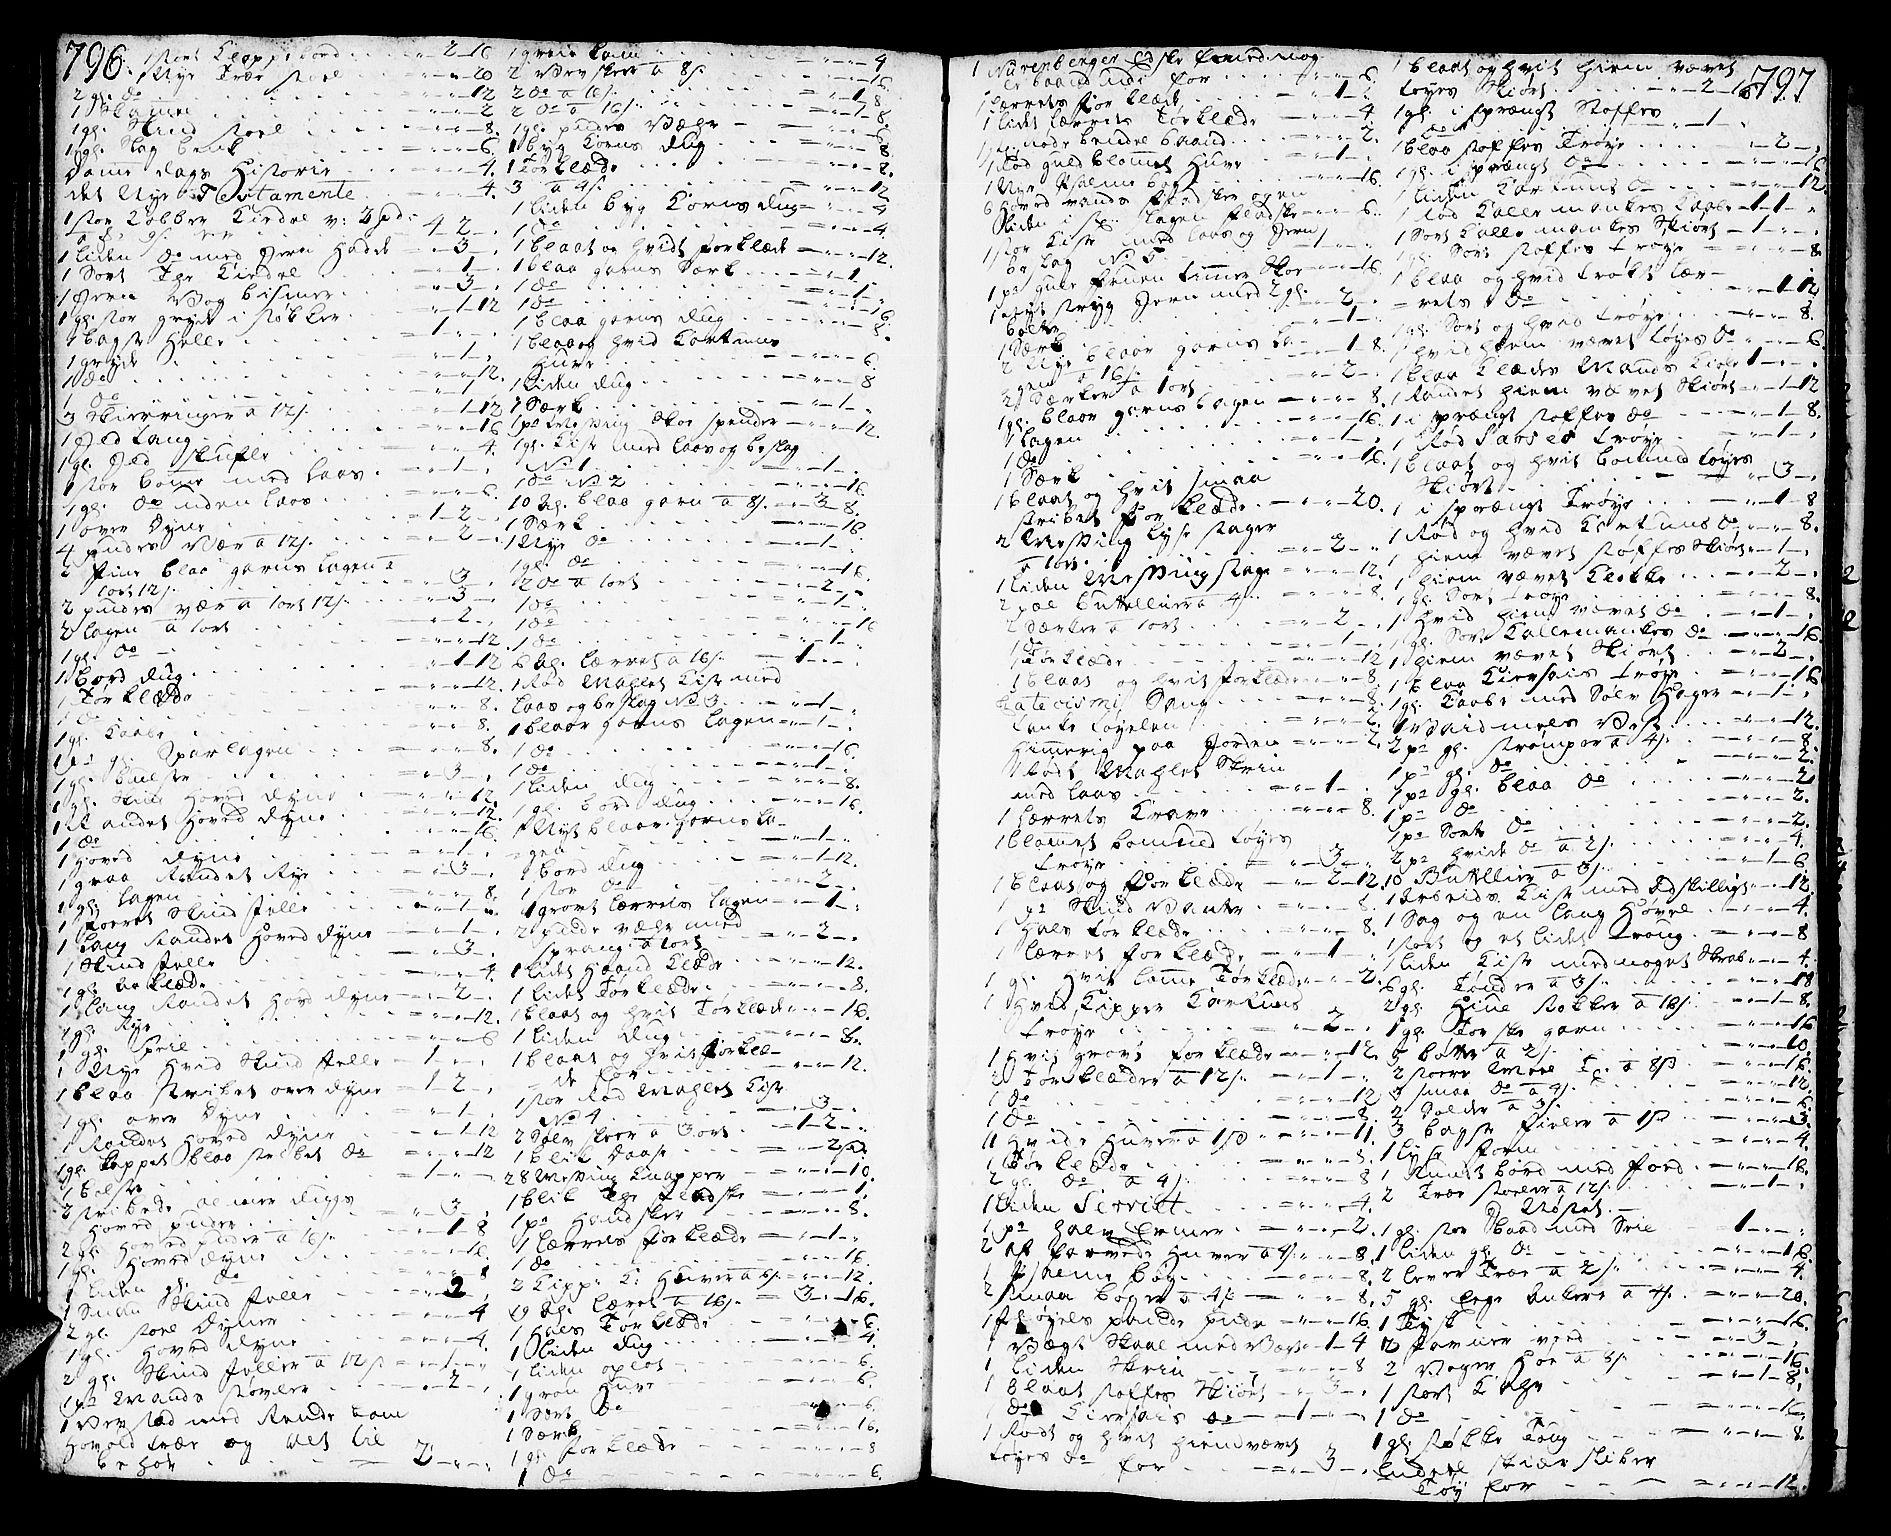 SAT, Molde byfogd, 3/3Aa/L0002: Skifteprotokoll, 1768-1787, s. 796-797